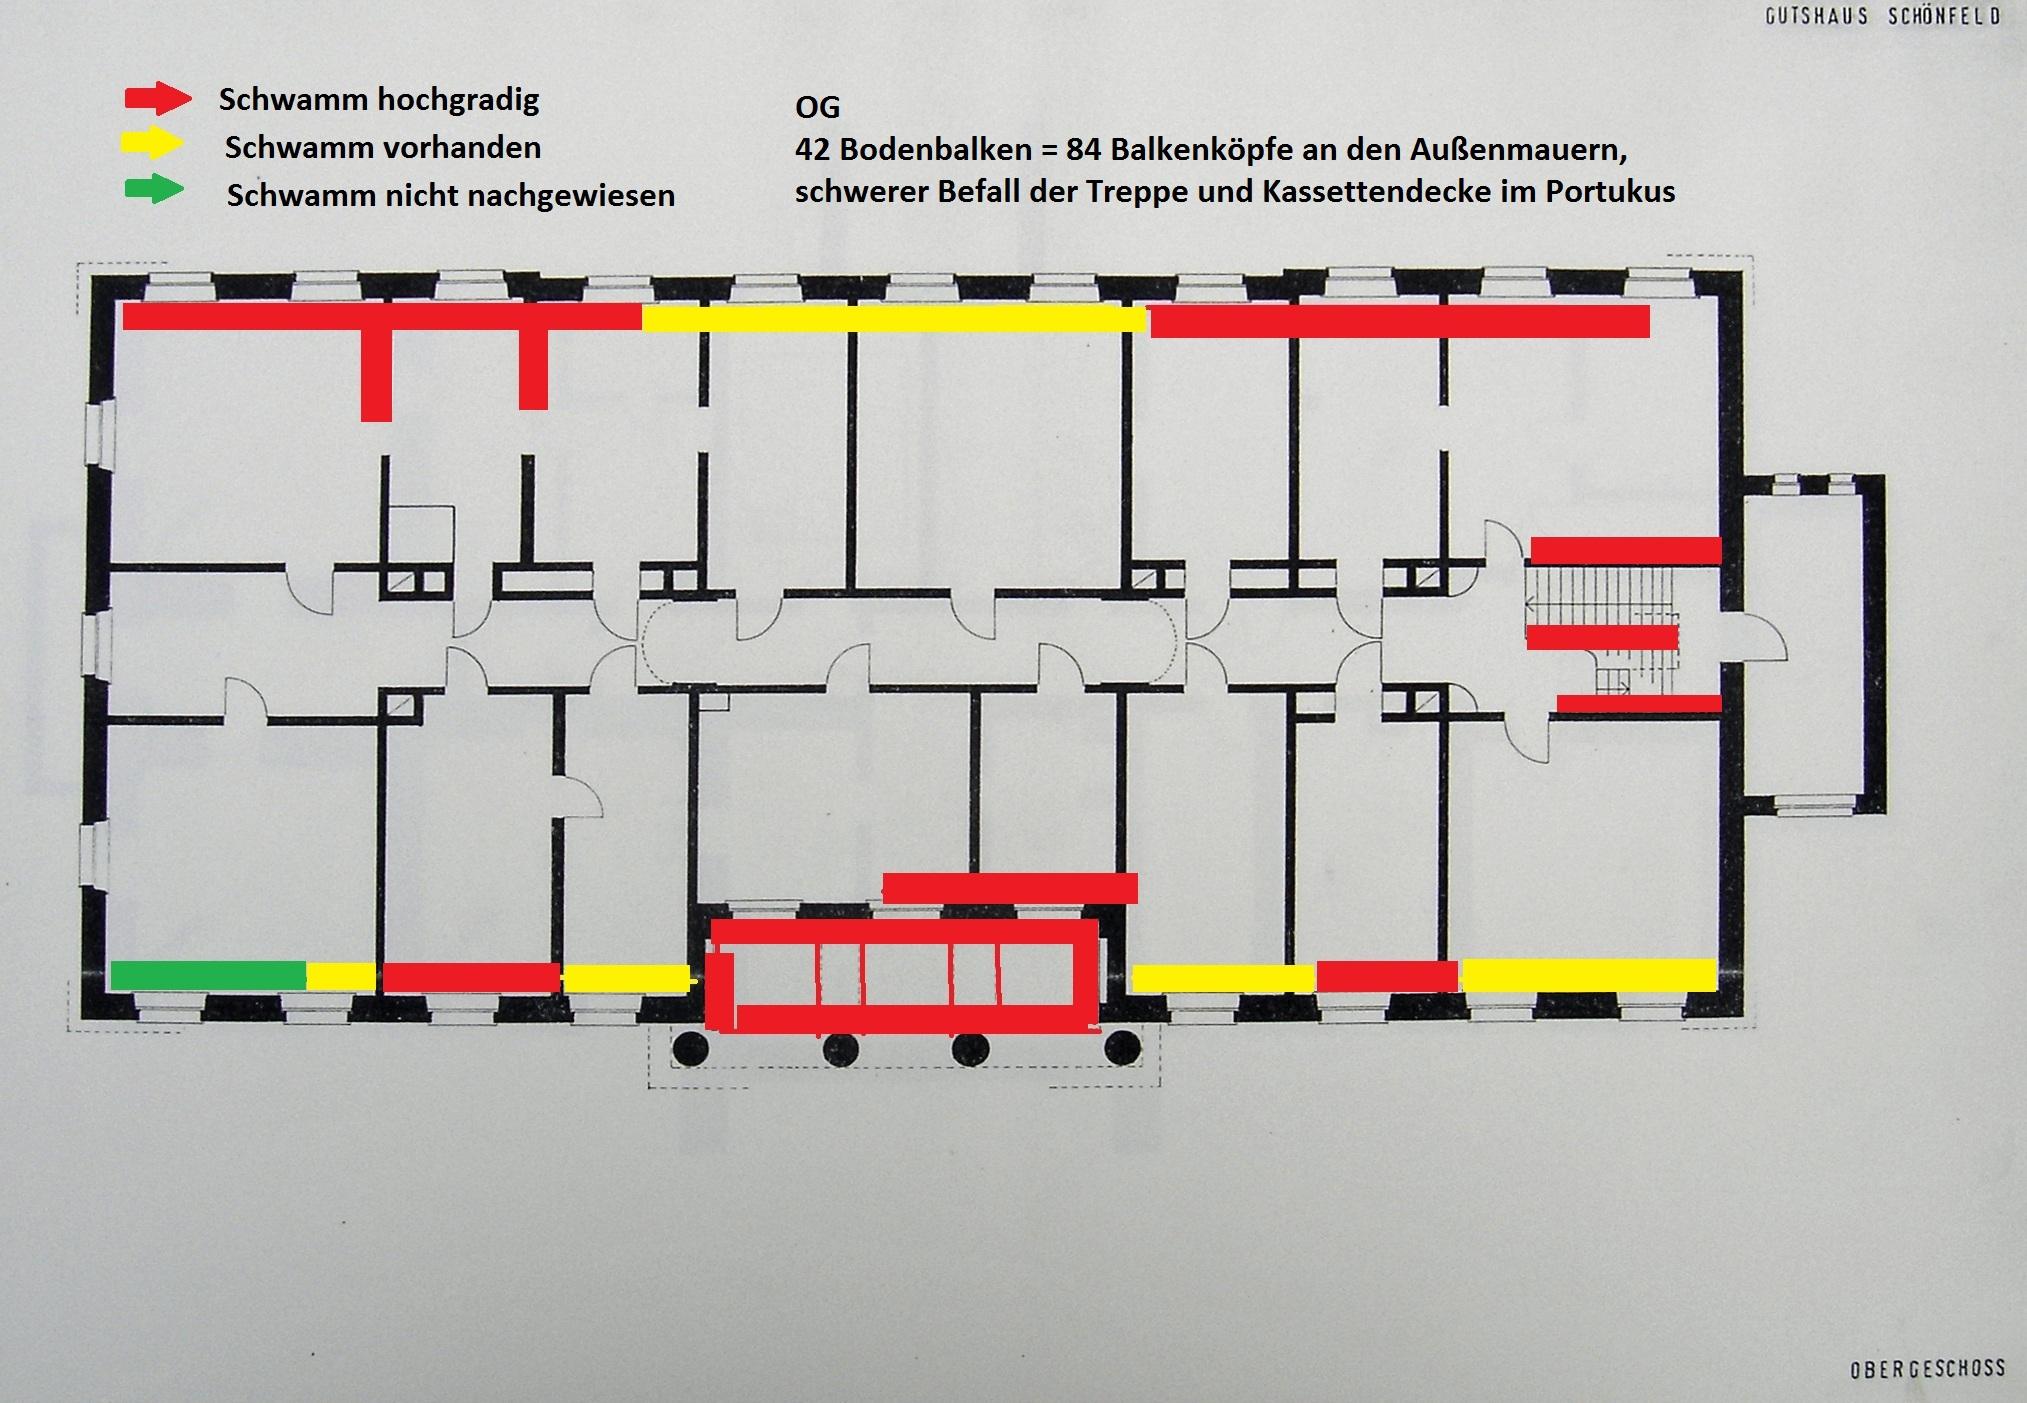 Sanierung des Herrenhauses in Schönfeld: Kataster des Schwammbefalls im OG